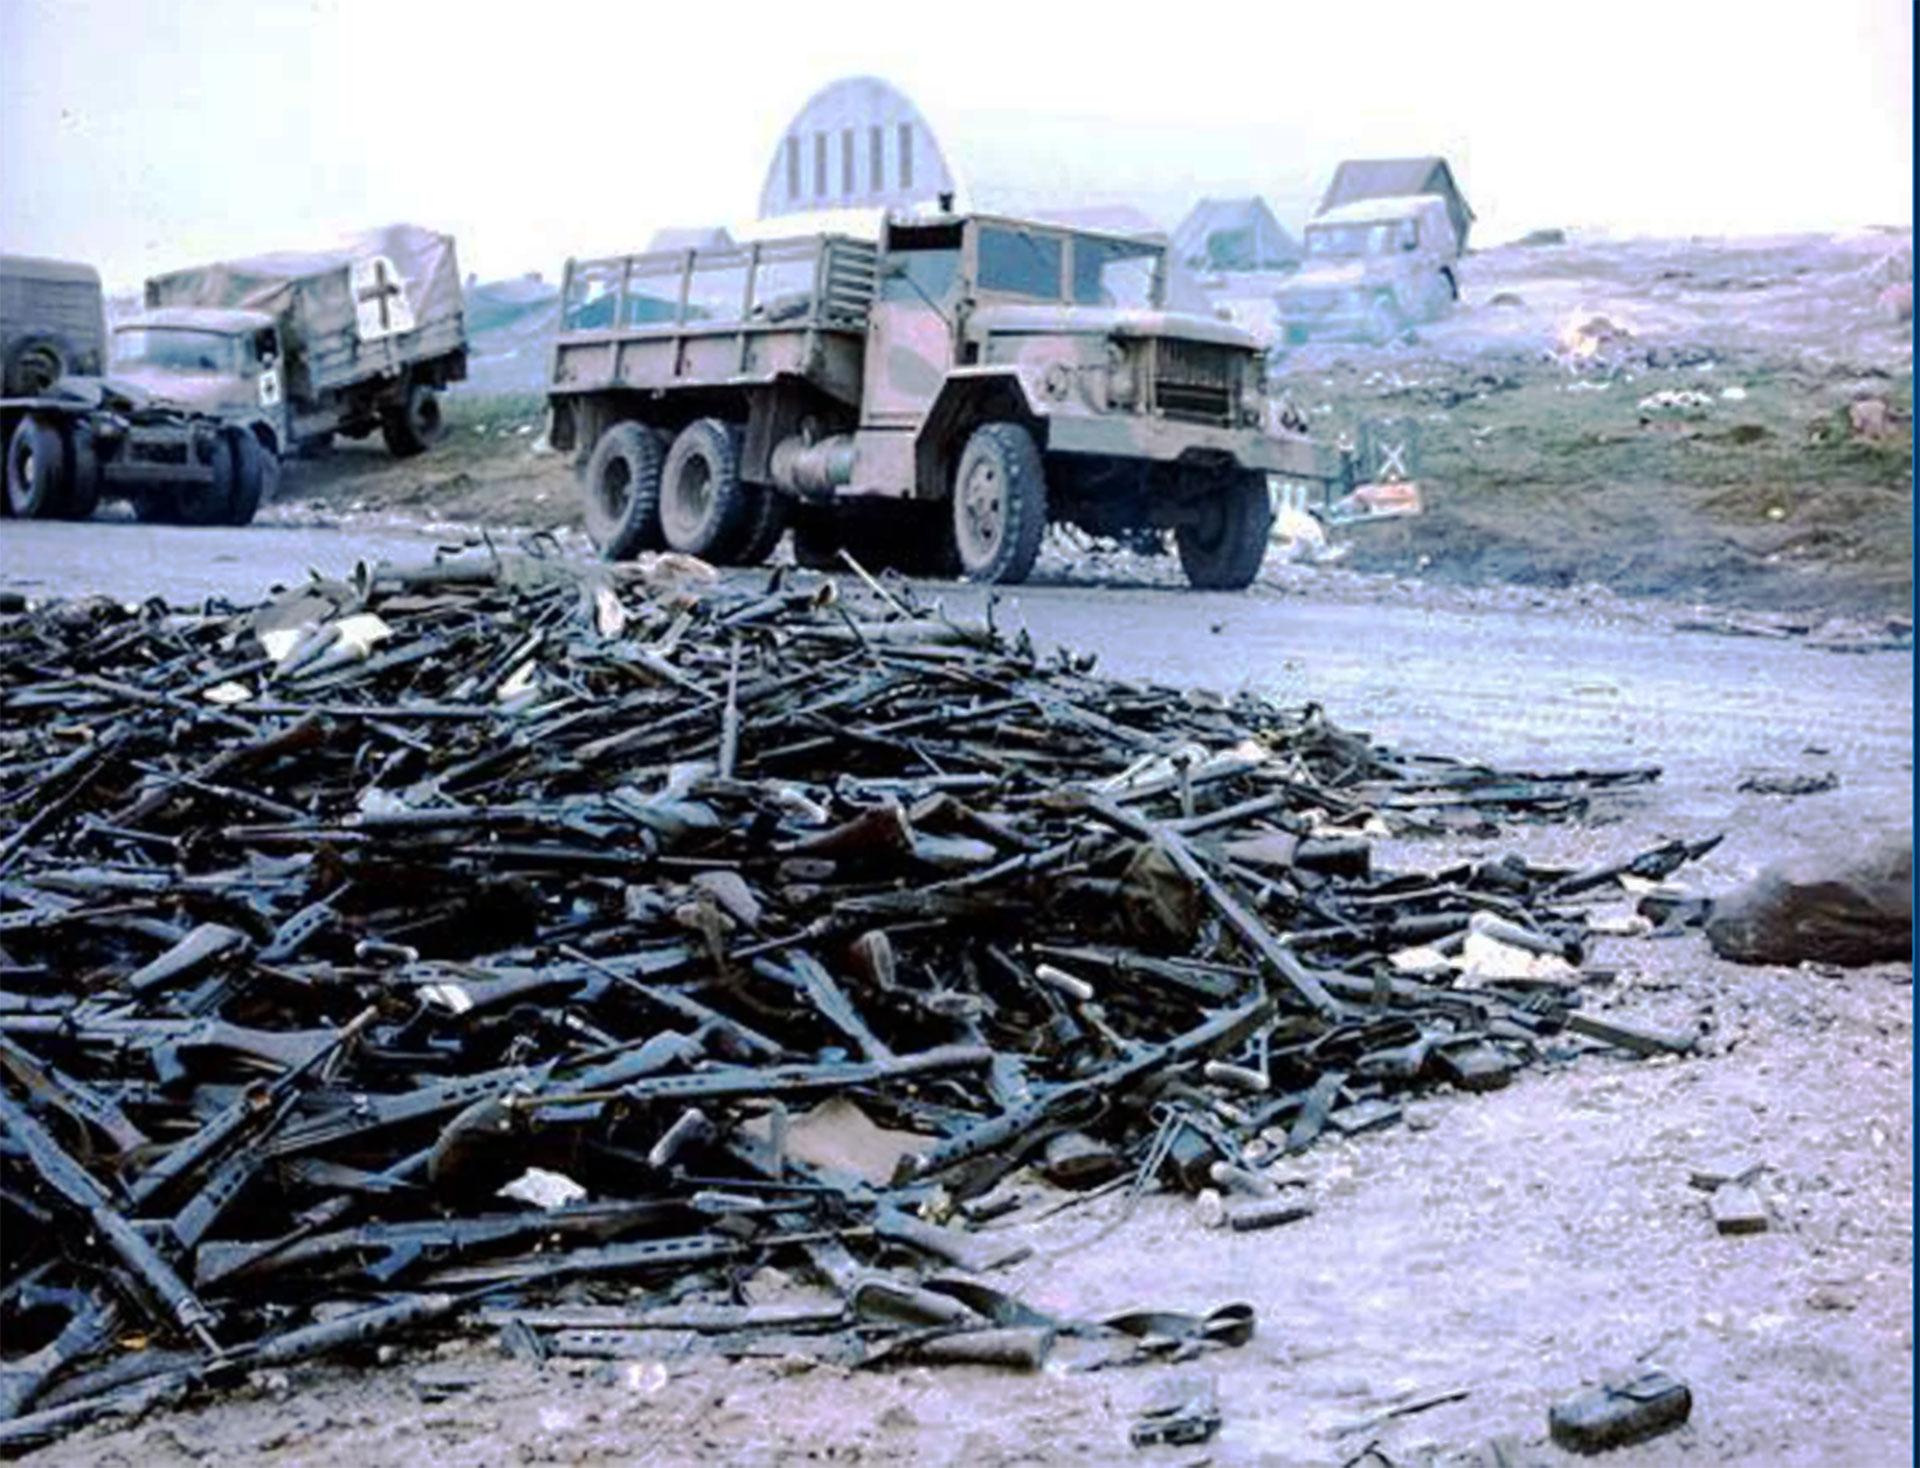 Montañas de armas abandonadas por los soldados argentinos luego de la rendición en Puerto Argentino